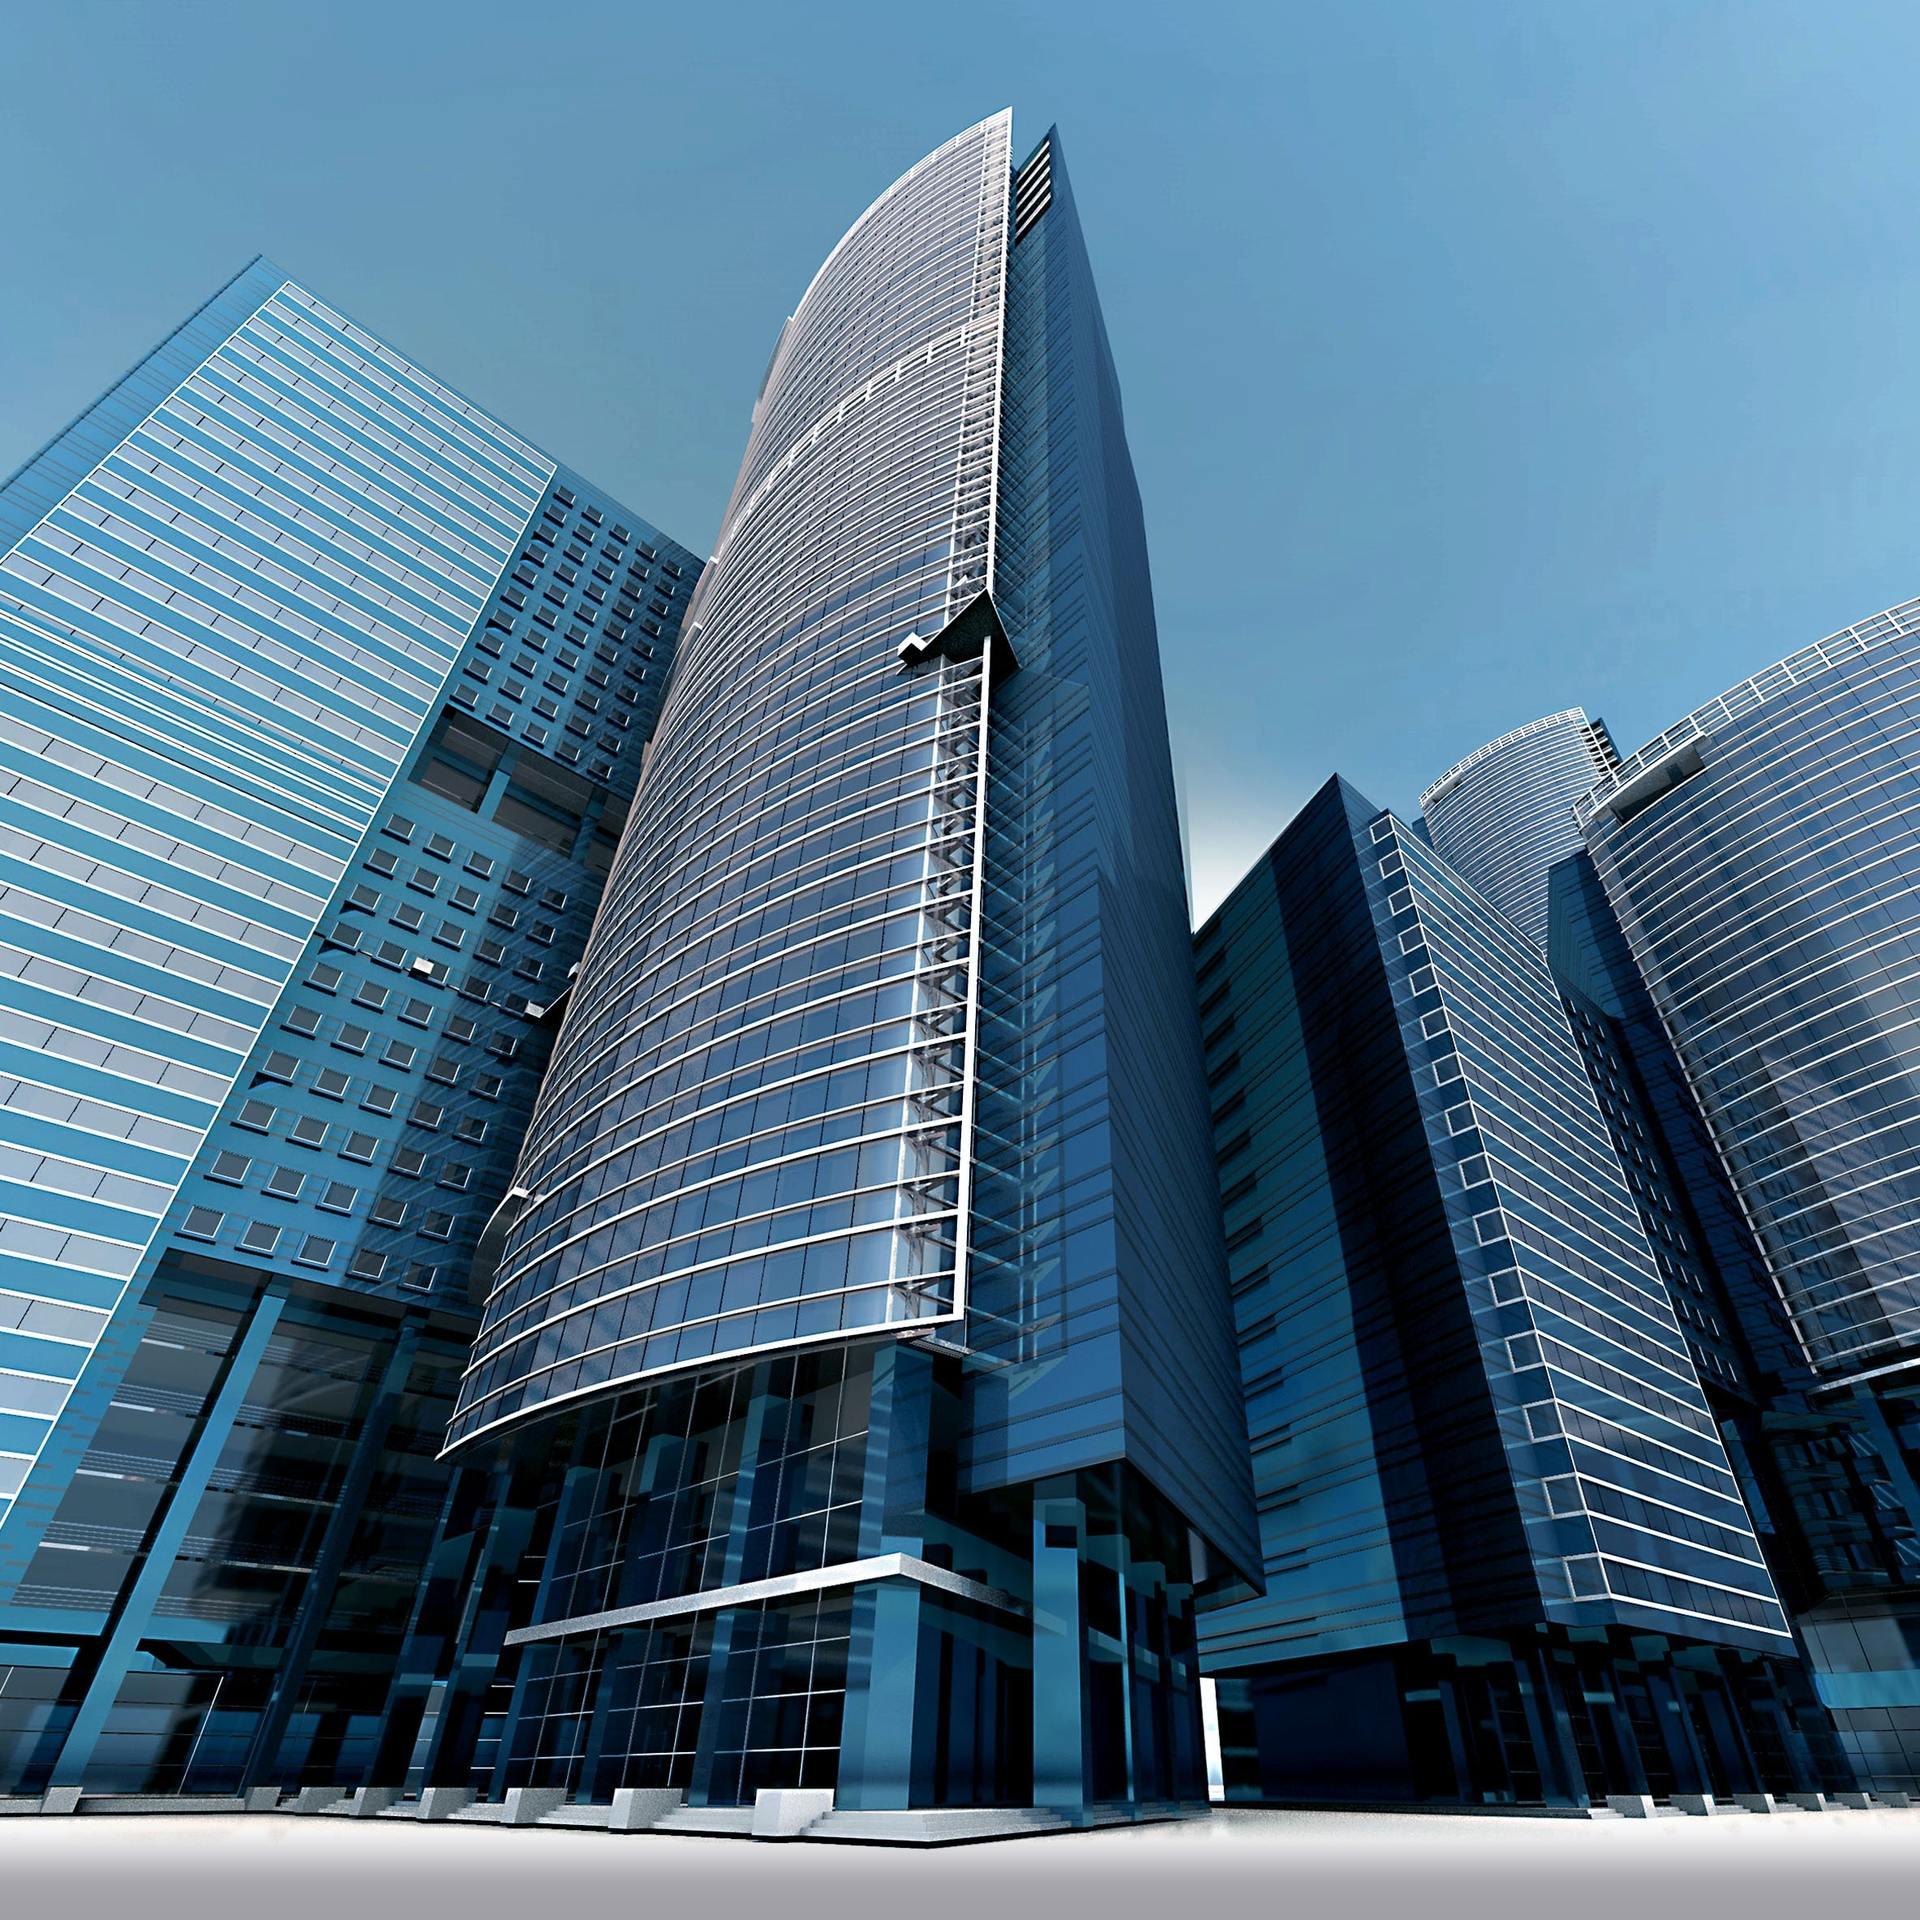 大连中国人寿希望大厦成为东北地区首个通过LEED建筑运营与维...